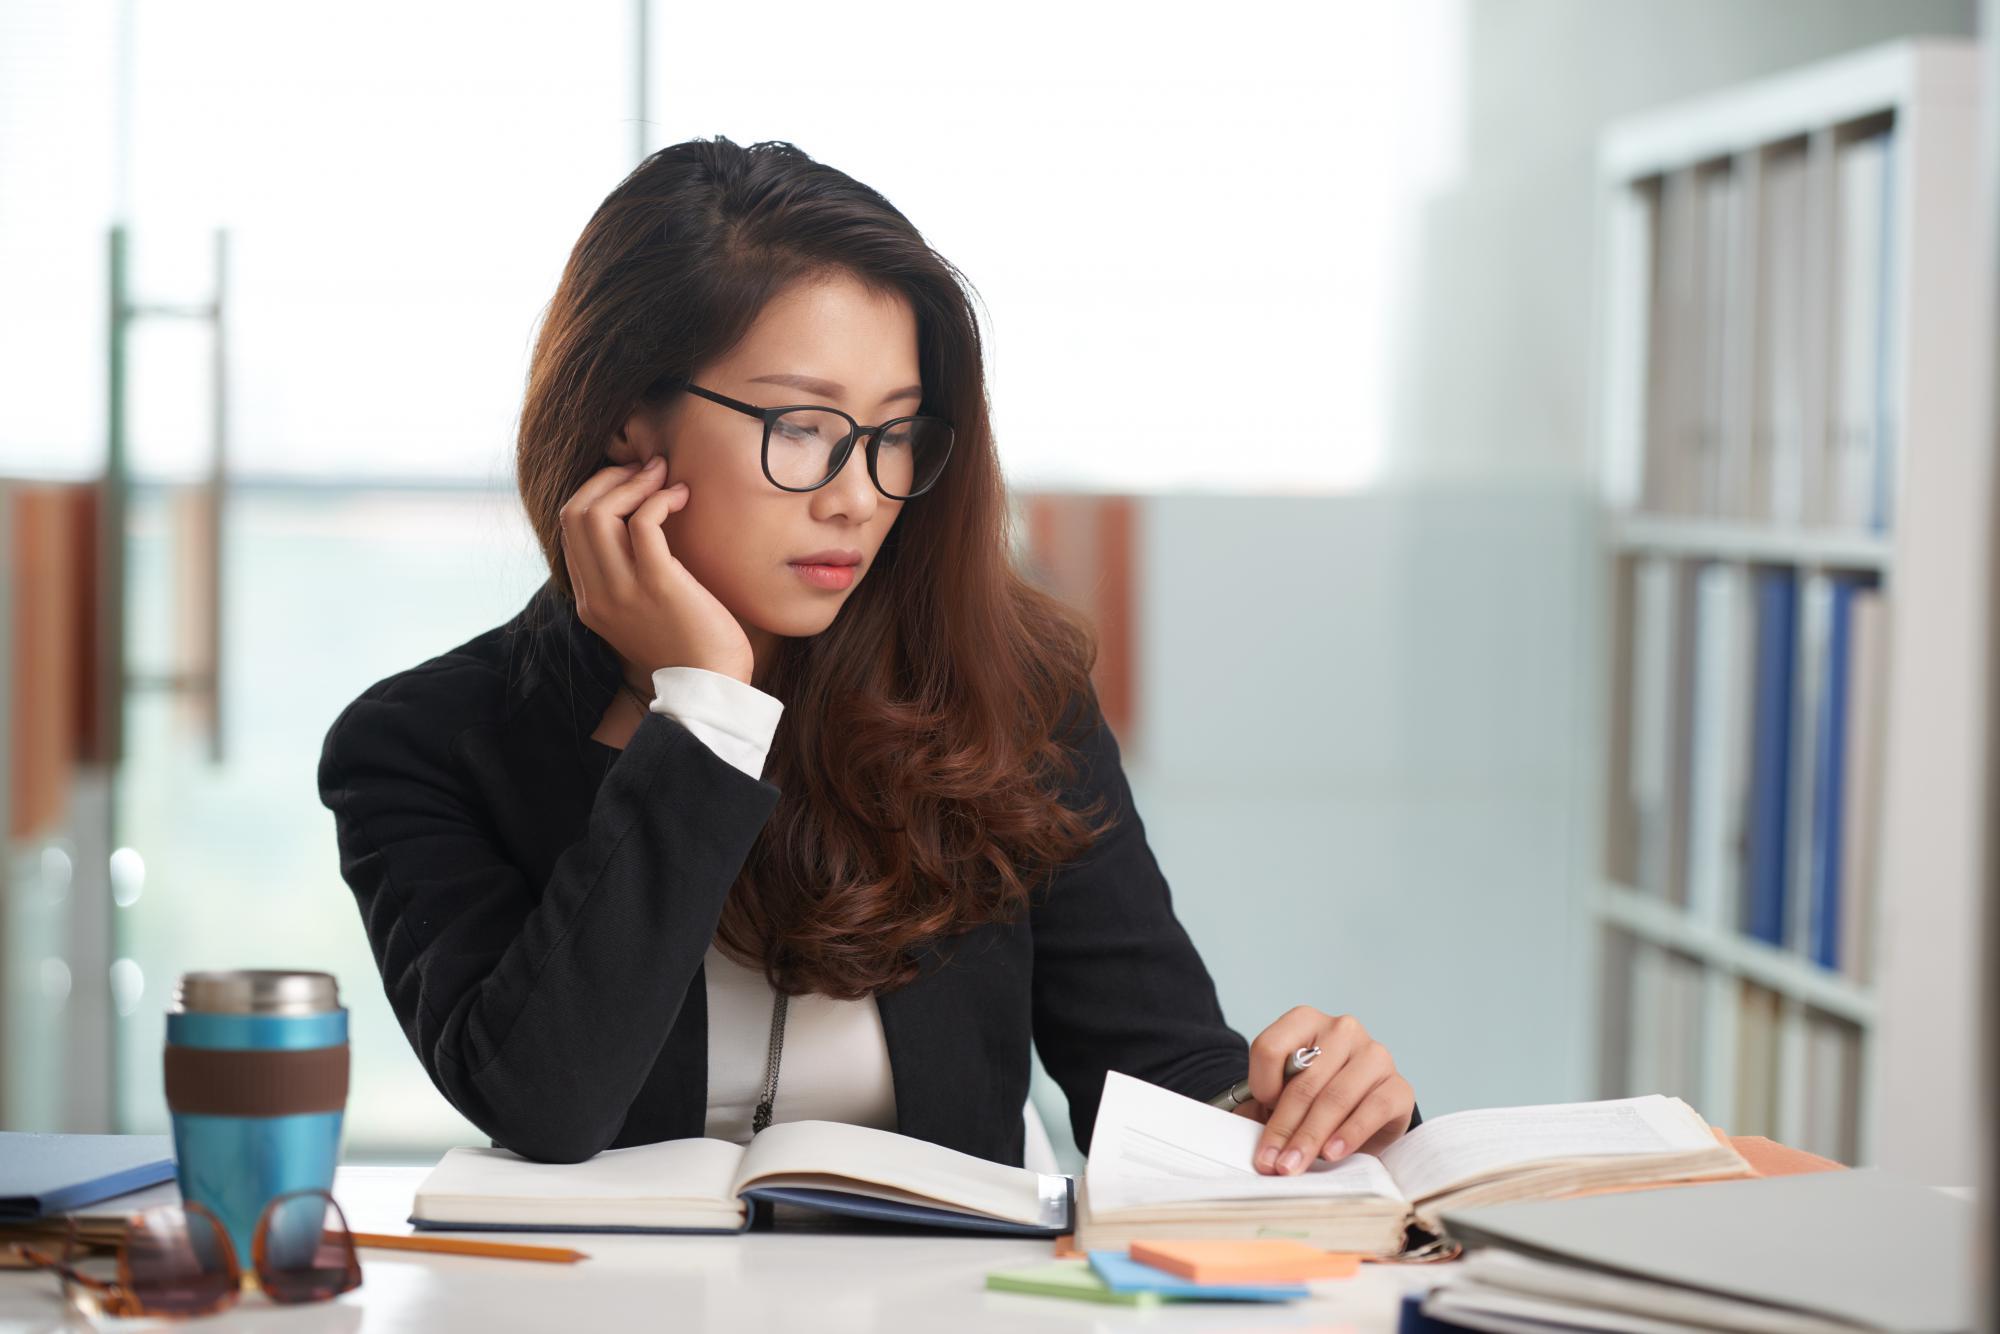 Как быть, если сотрудник принес исполнительный лист о восстановлении на работе с опозданием?